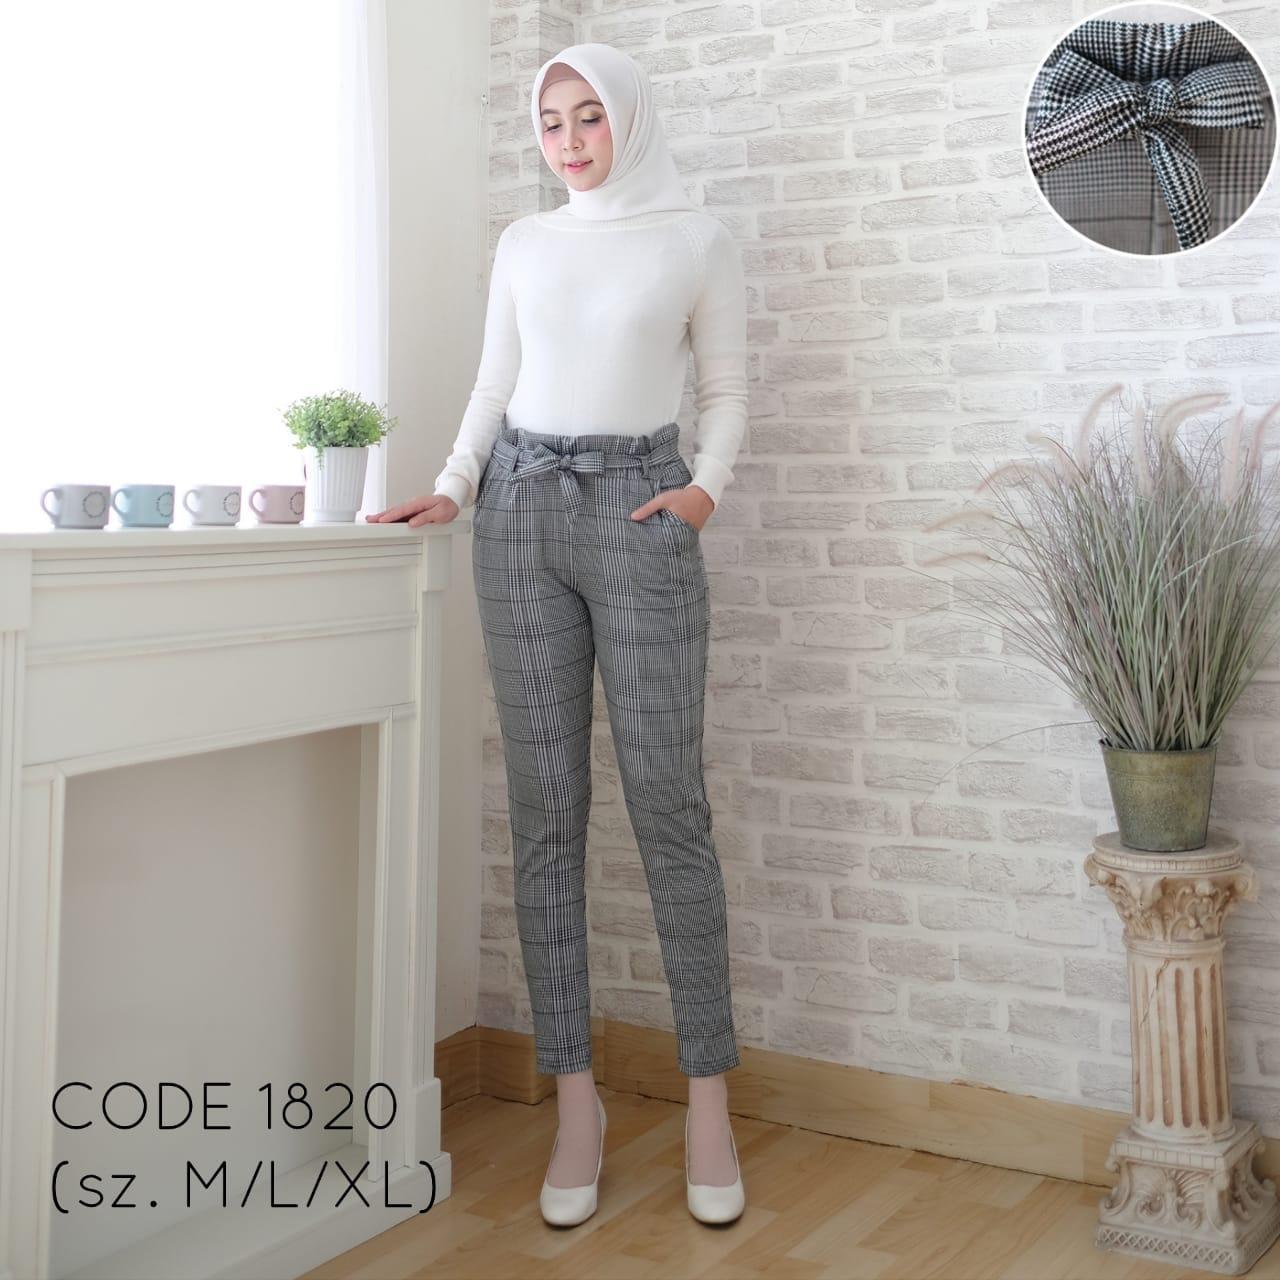 Celana Panjang Wanita/ Motive Kotak Bershka/ Celana Kerja Basic Trousers / Celana Kerja